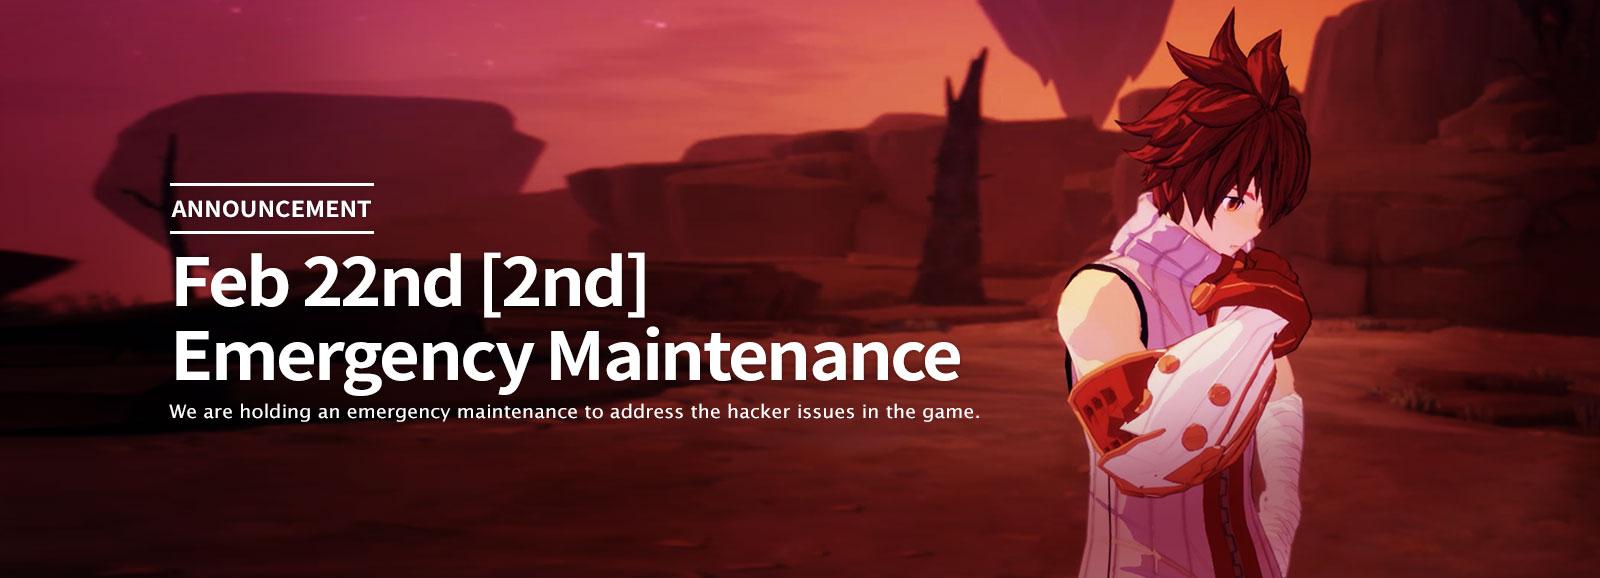 Feb. 22nd [2nd] Emergency Maintenance